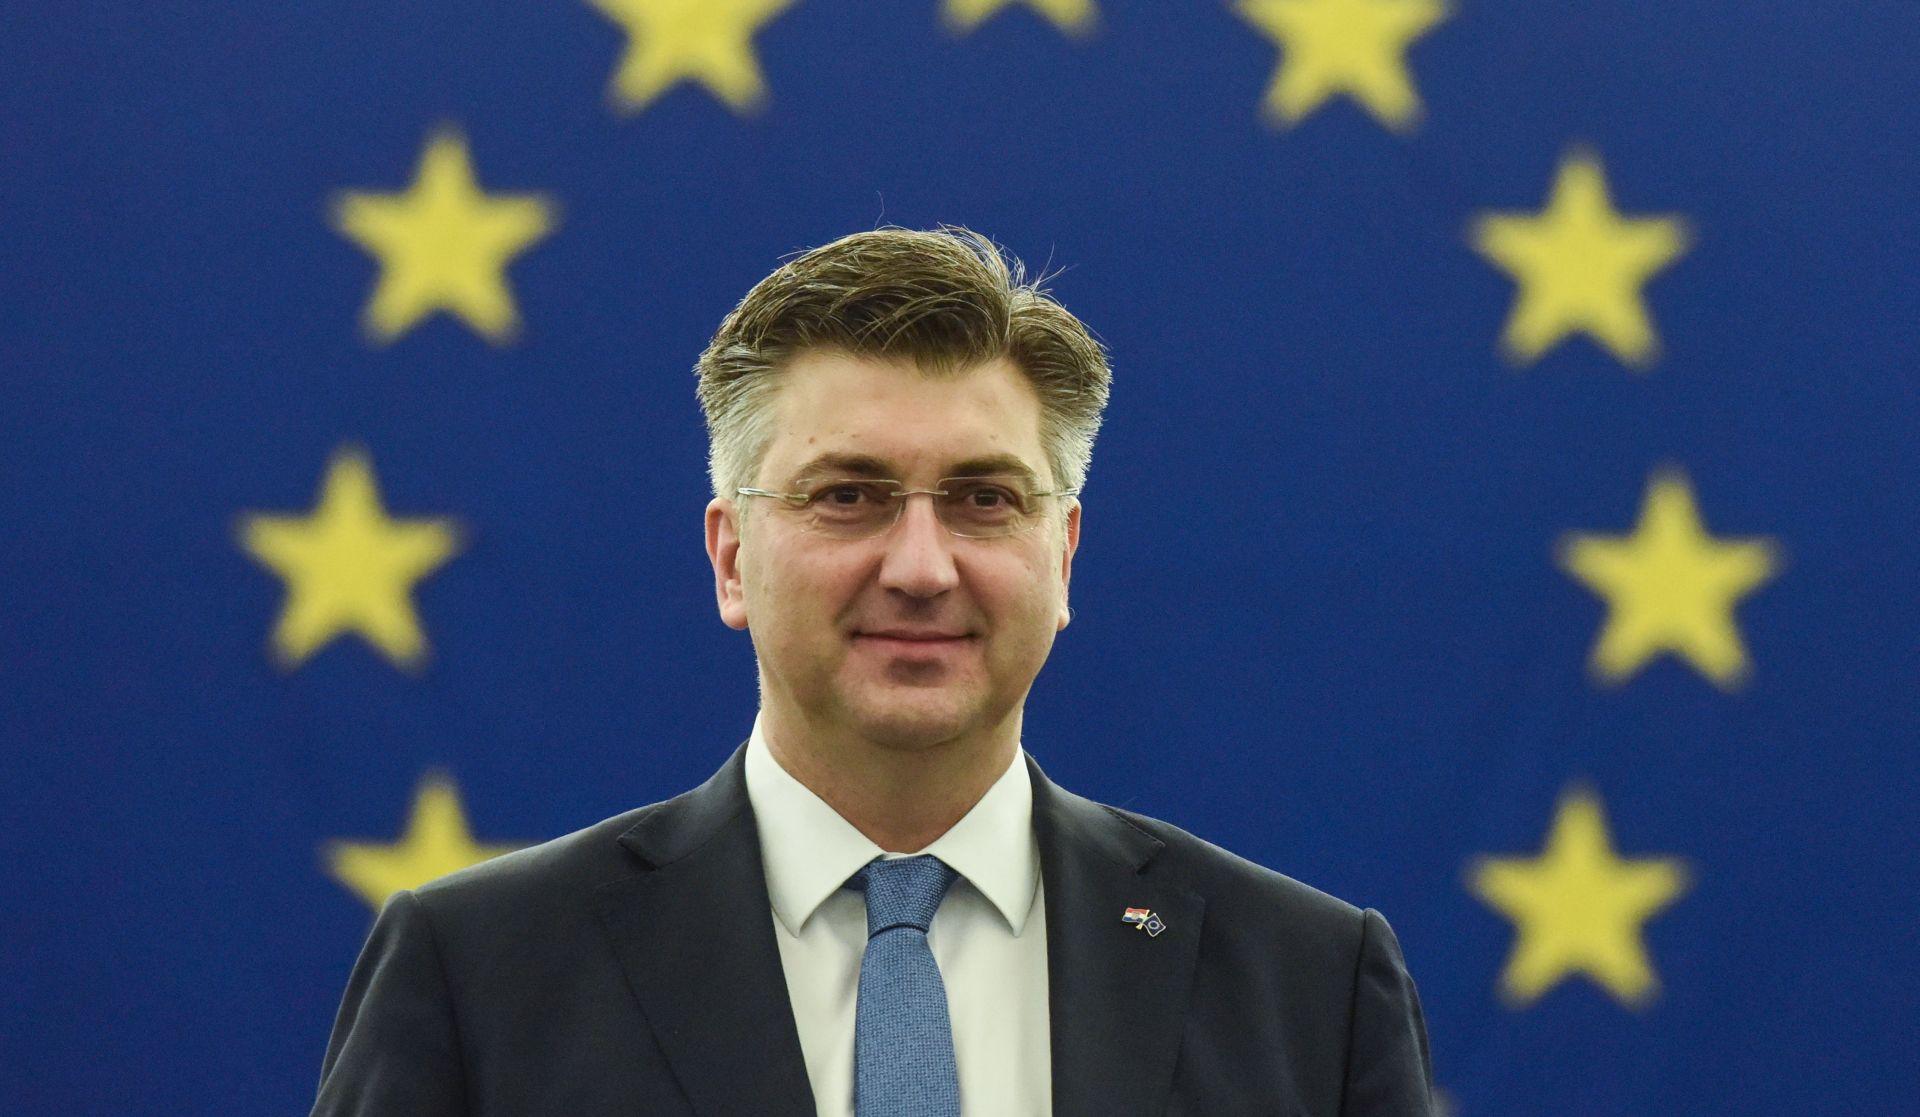 Plenković se povodom Dana antifašističke borbe sjetio hrvatskih antifašista, između ostalih i prvog hrvatskog predsjednika